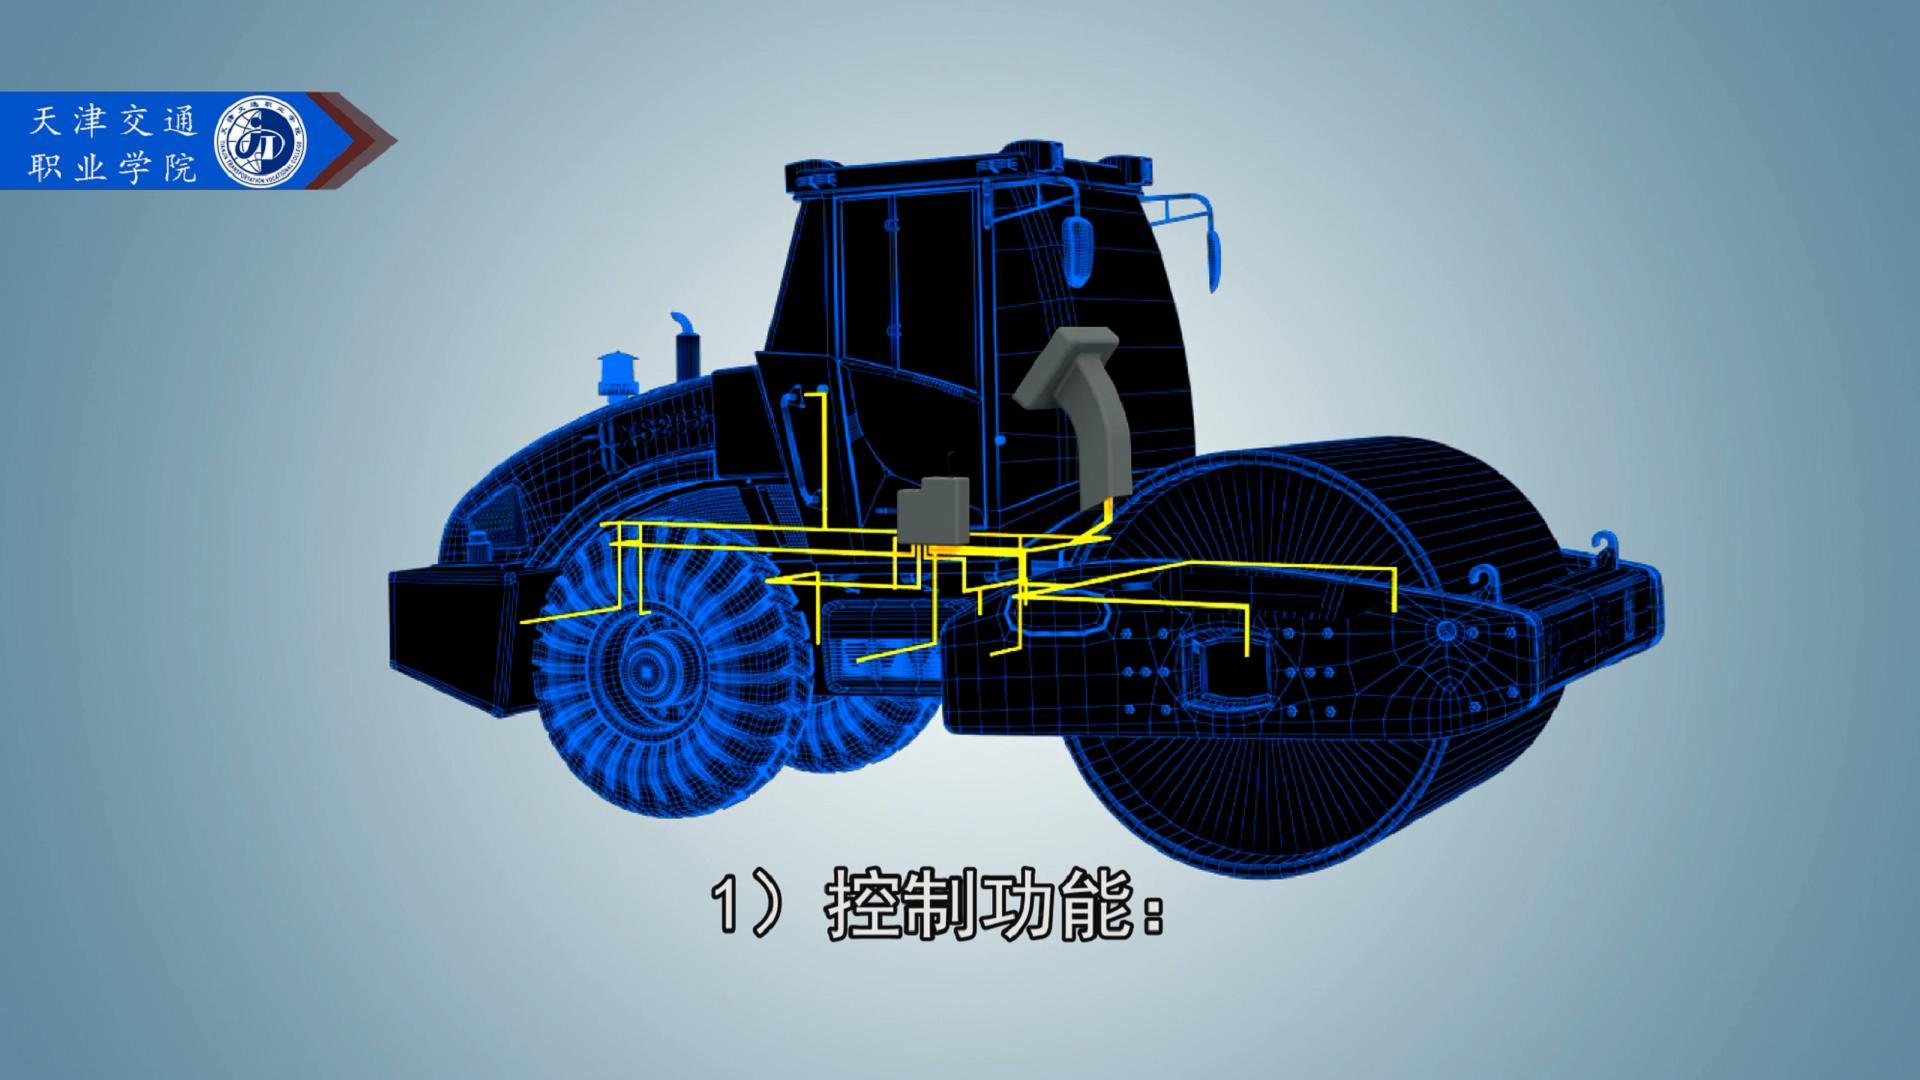 徐州服务好的虚拟矿山厂矿动画设计公司,的虚拟矿山厂矿动画